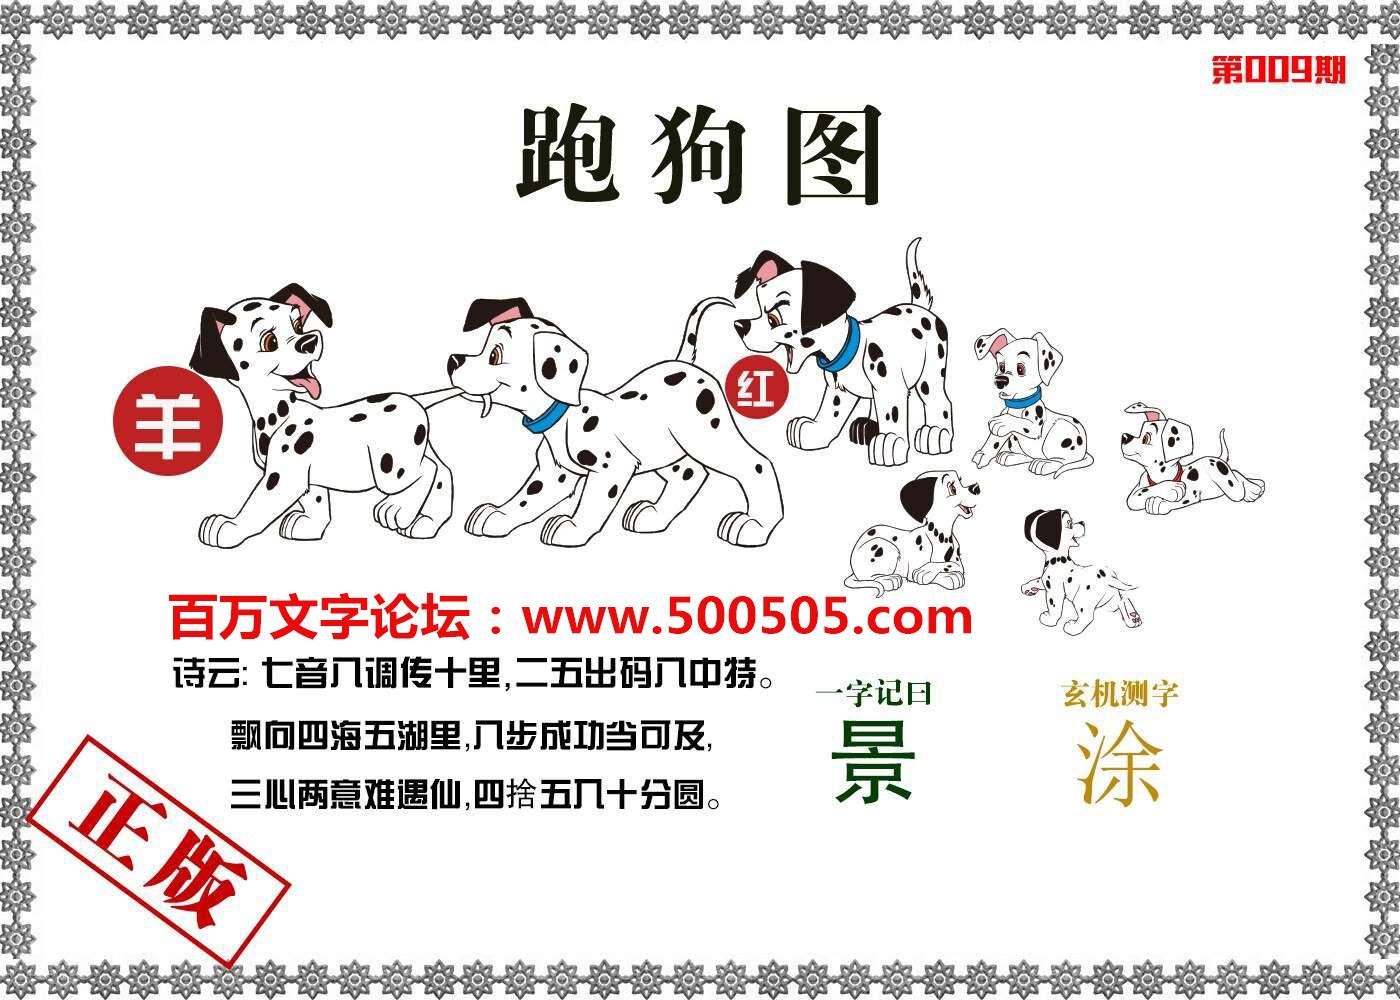 009期:香港跑狗图